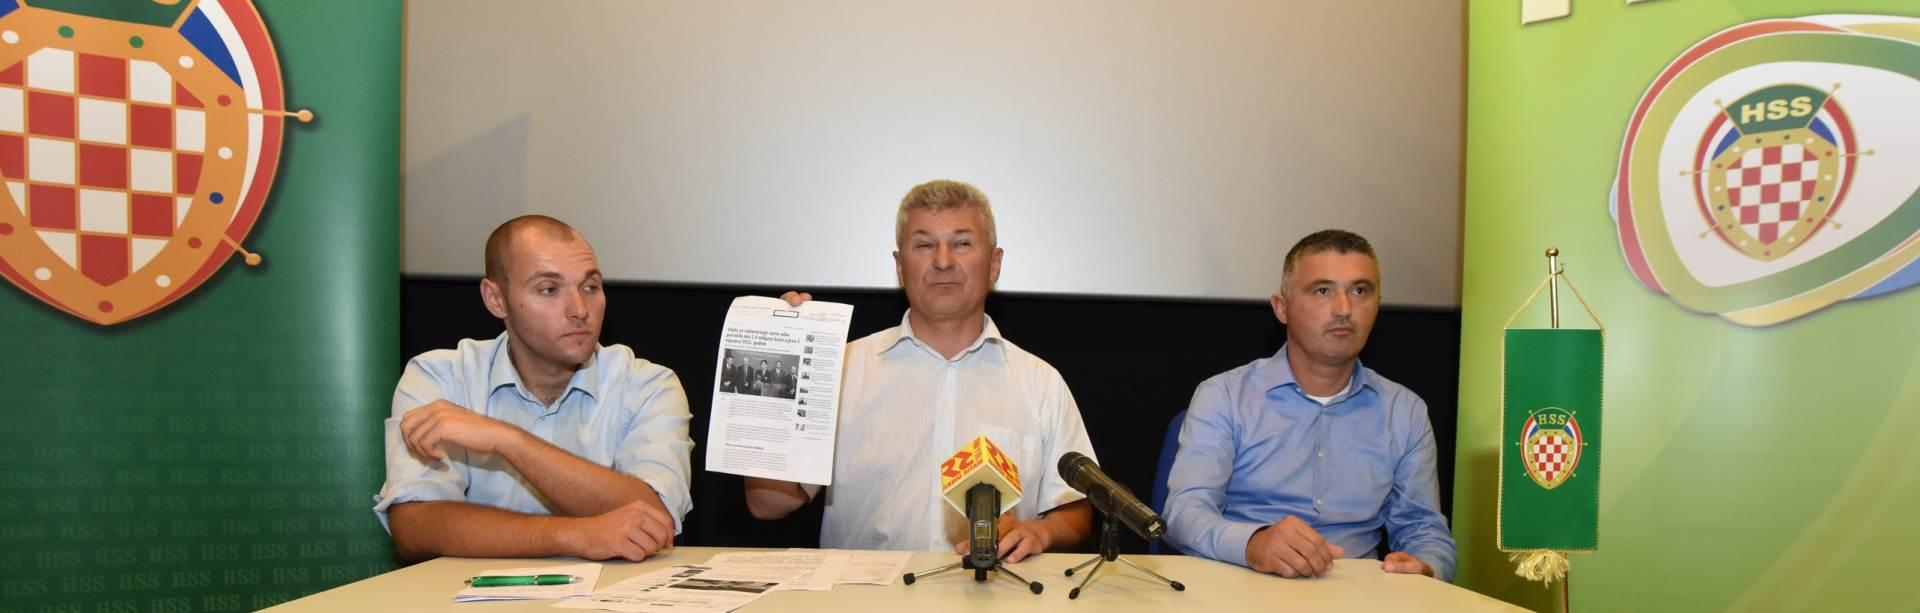 Hrg: HSS će kao dio Domoljubne koalicije s HDZ-om pobijediti na izborima